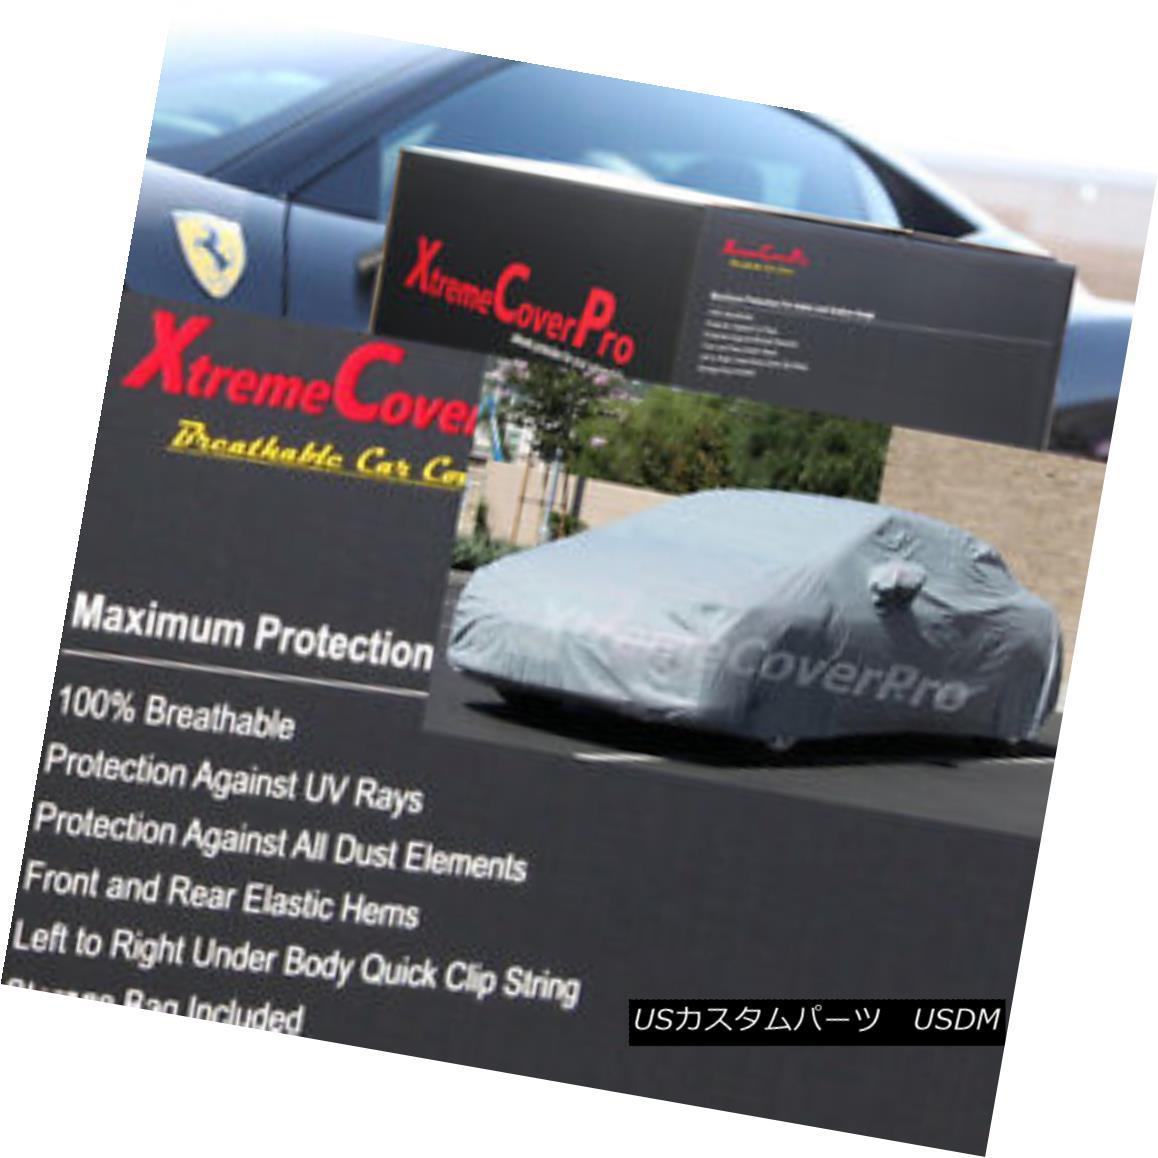 カーカバー 2015 LEXUS GS350 GS450 GS450H Breathable Car Cover w/Mirror Pockets - Gray 2015レクサスGS350 GS450 GS450H通気性車カバー付き/ミラーポケット - グレー